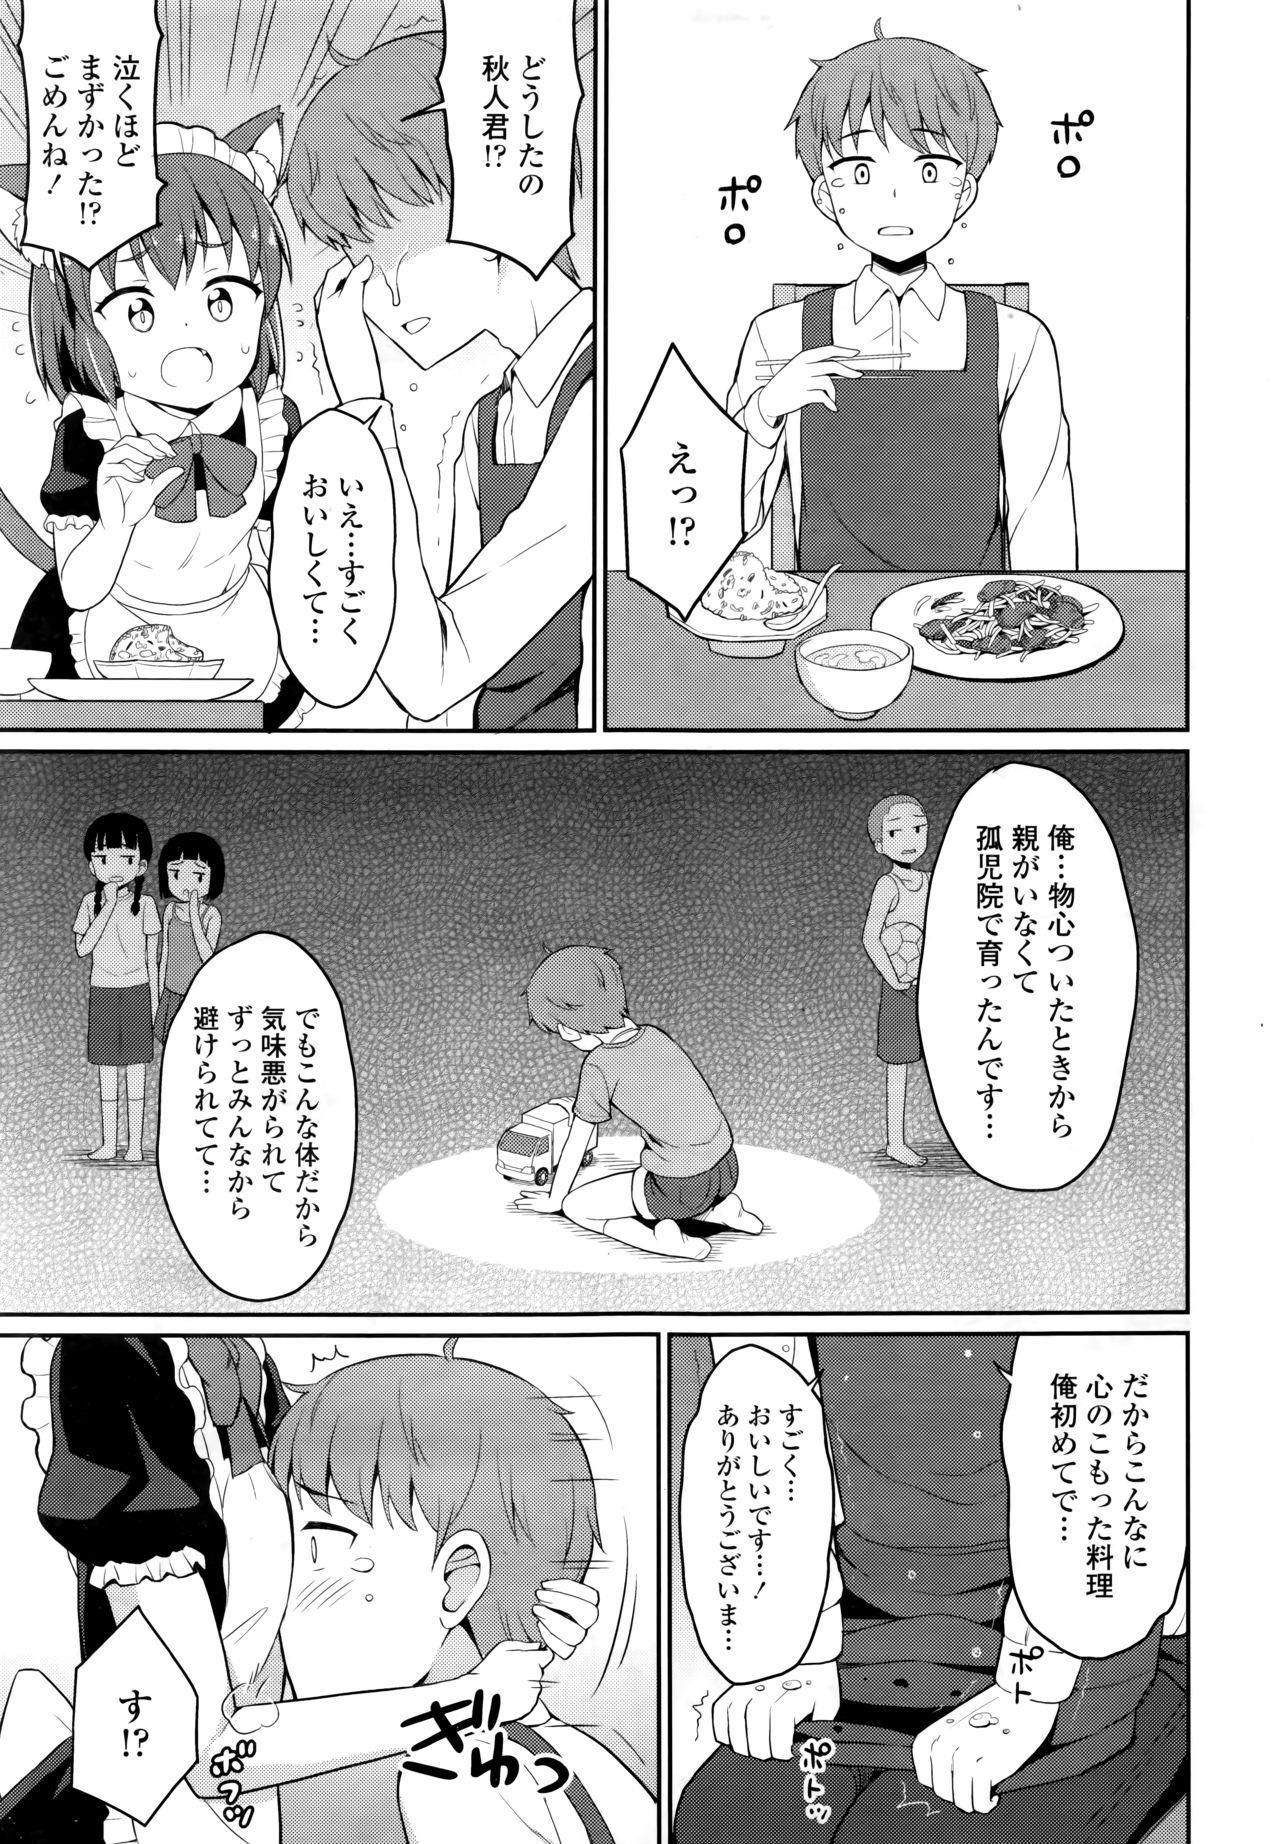 Towako 6 294